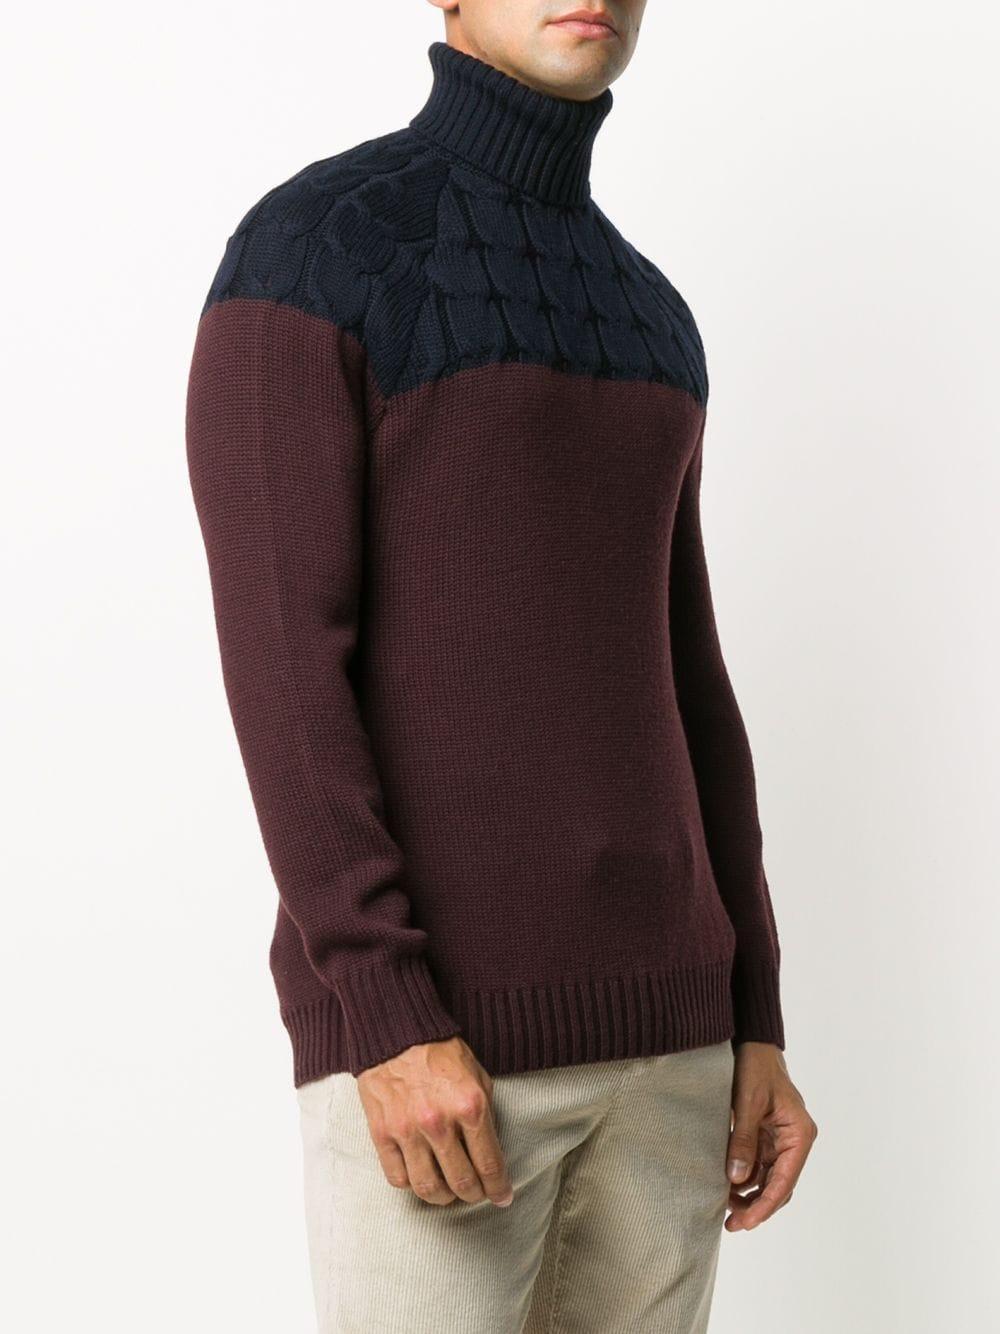 Maglione a collo alto bicolore in lana bordeaux e blu scuro ELEVENTY | Maglieria Moda | B71MAGB11-MAG0B03611-10